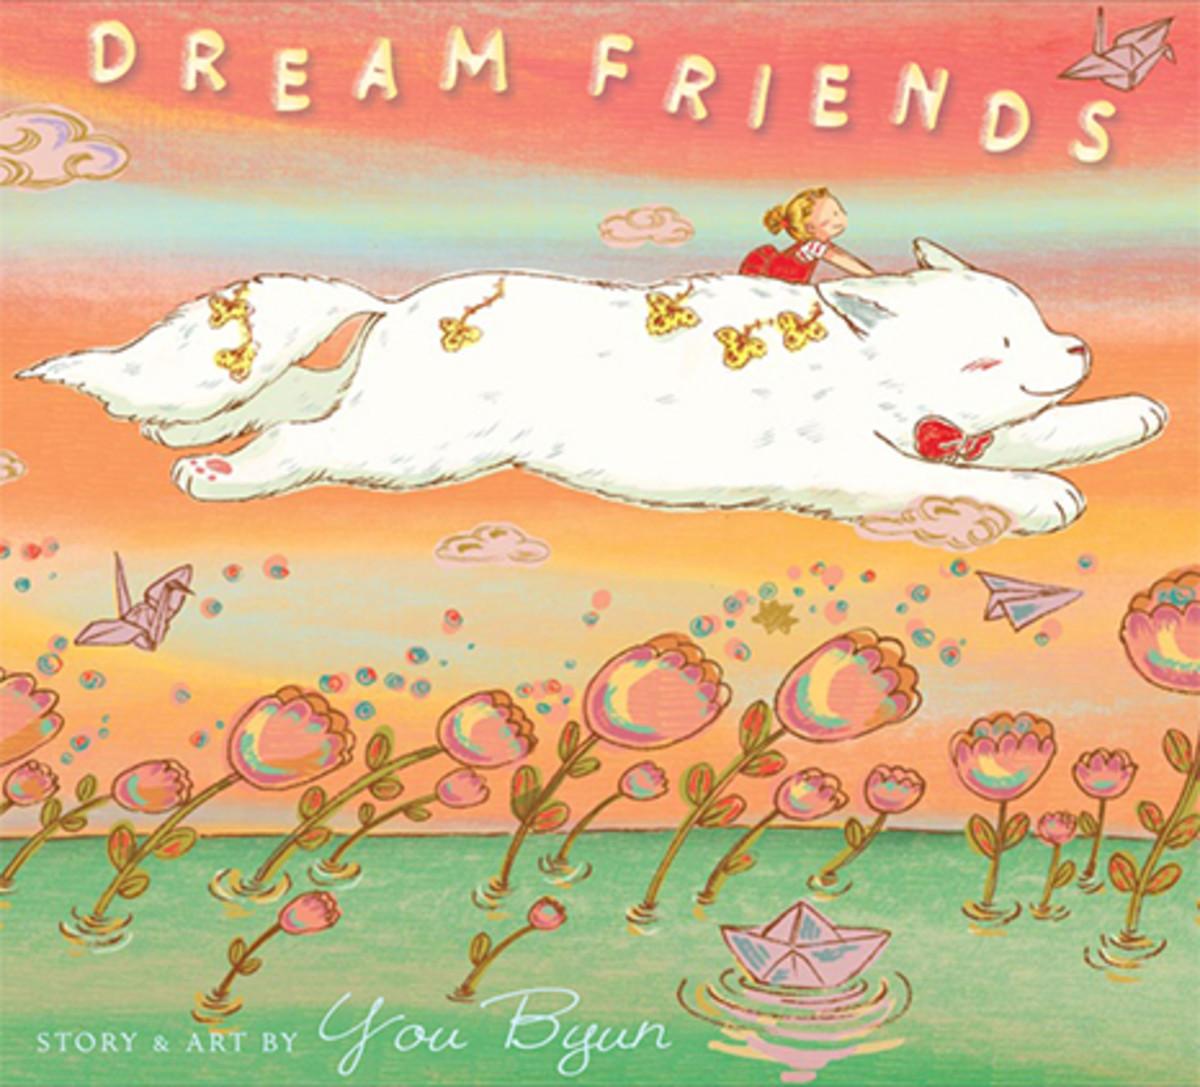 DreamFriends_JKT_mech2_sm